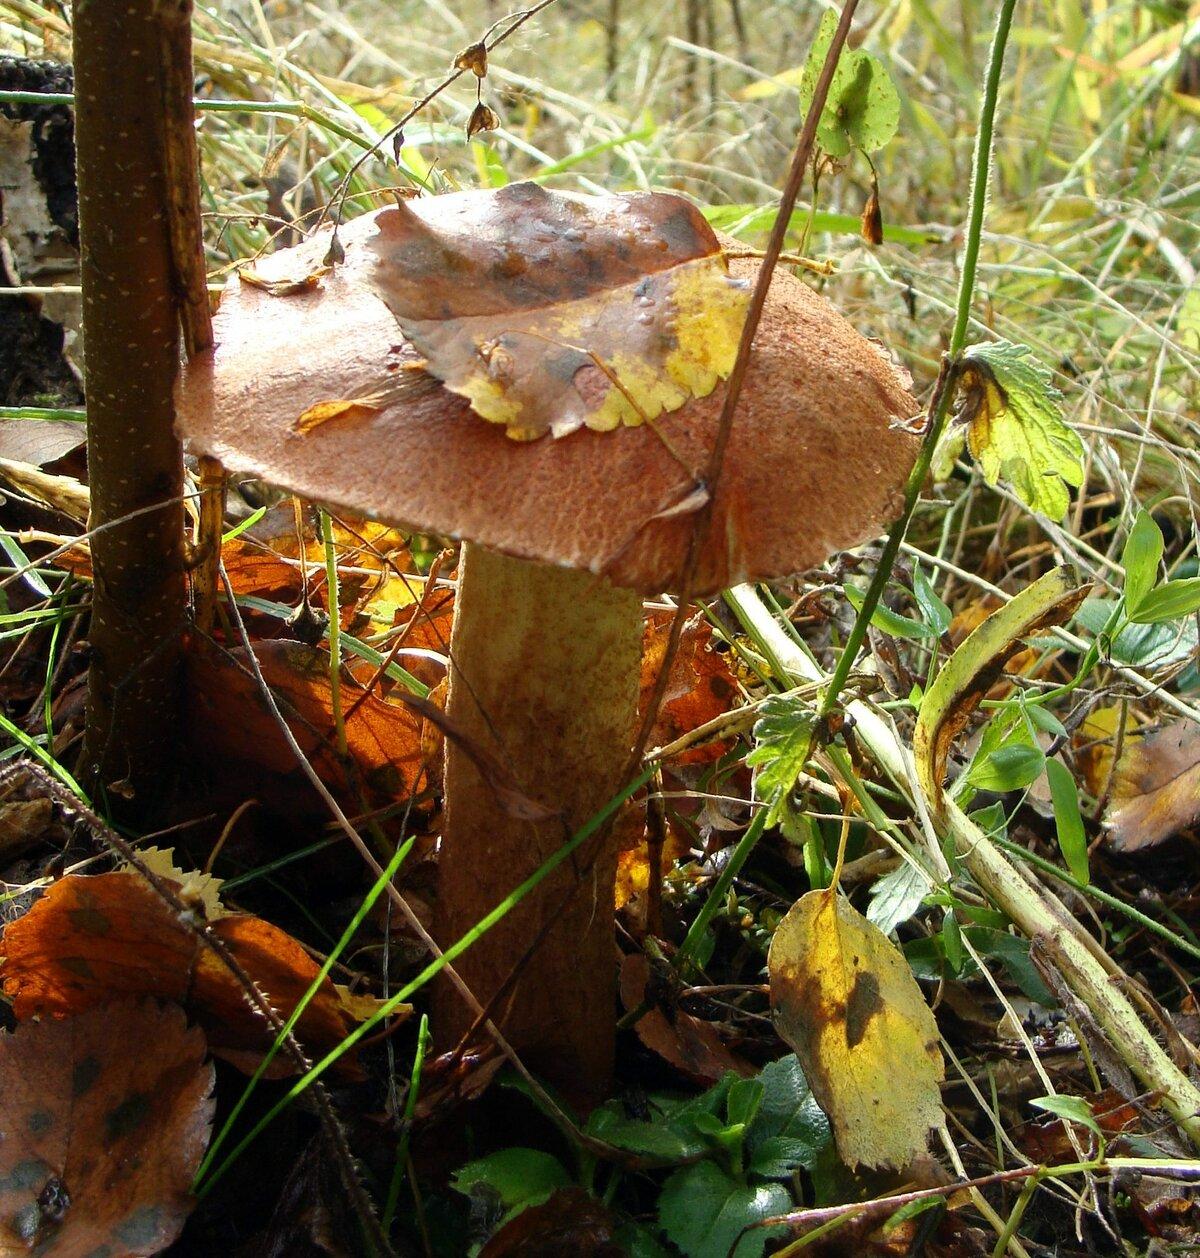 картинка гриб подосиновик под осиной